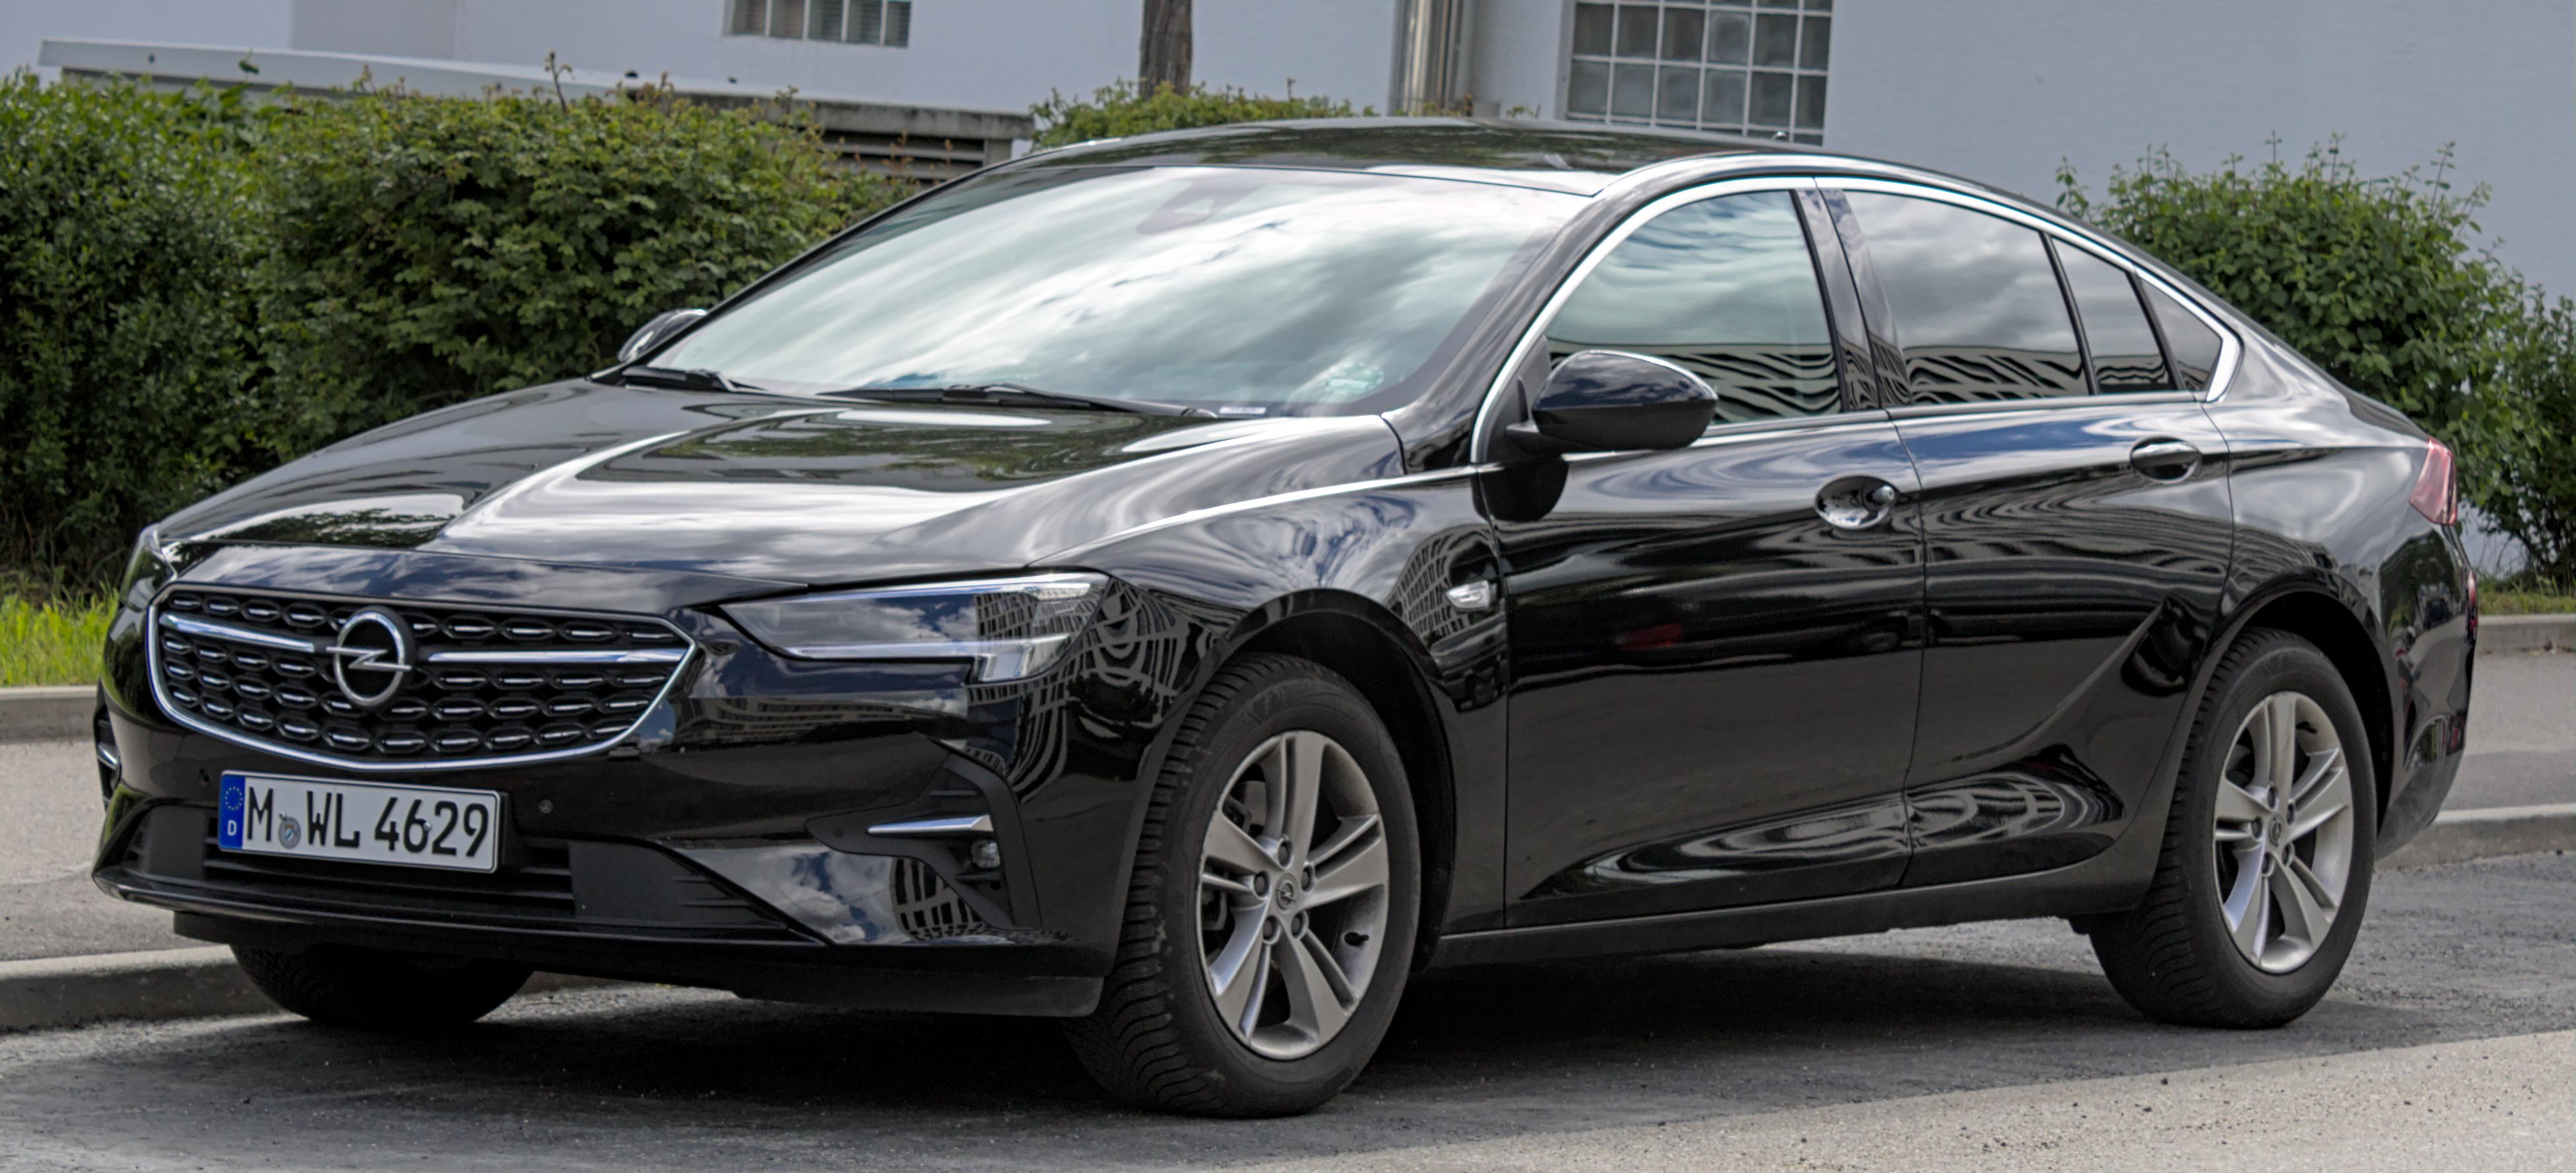 Insignia b opel 2017 Opel